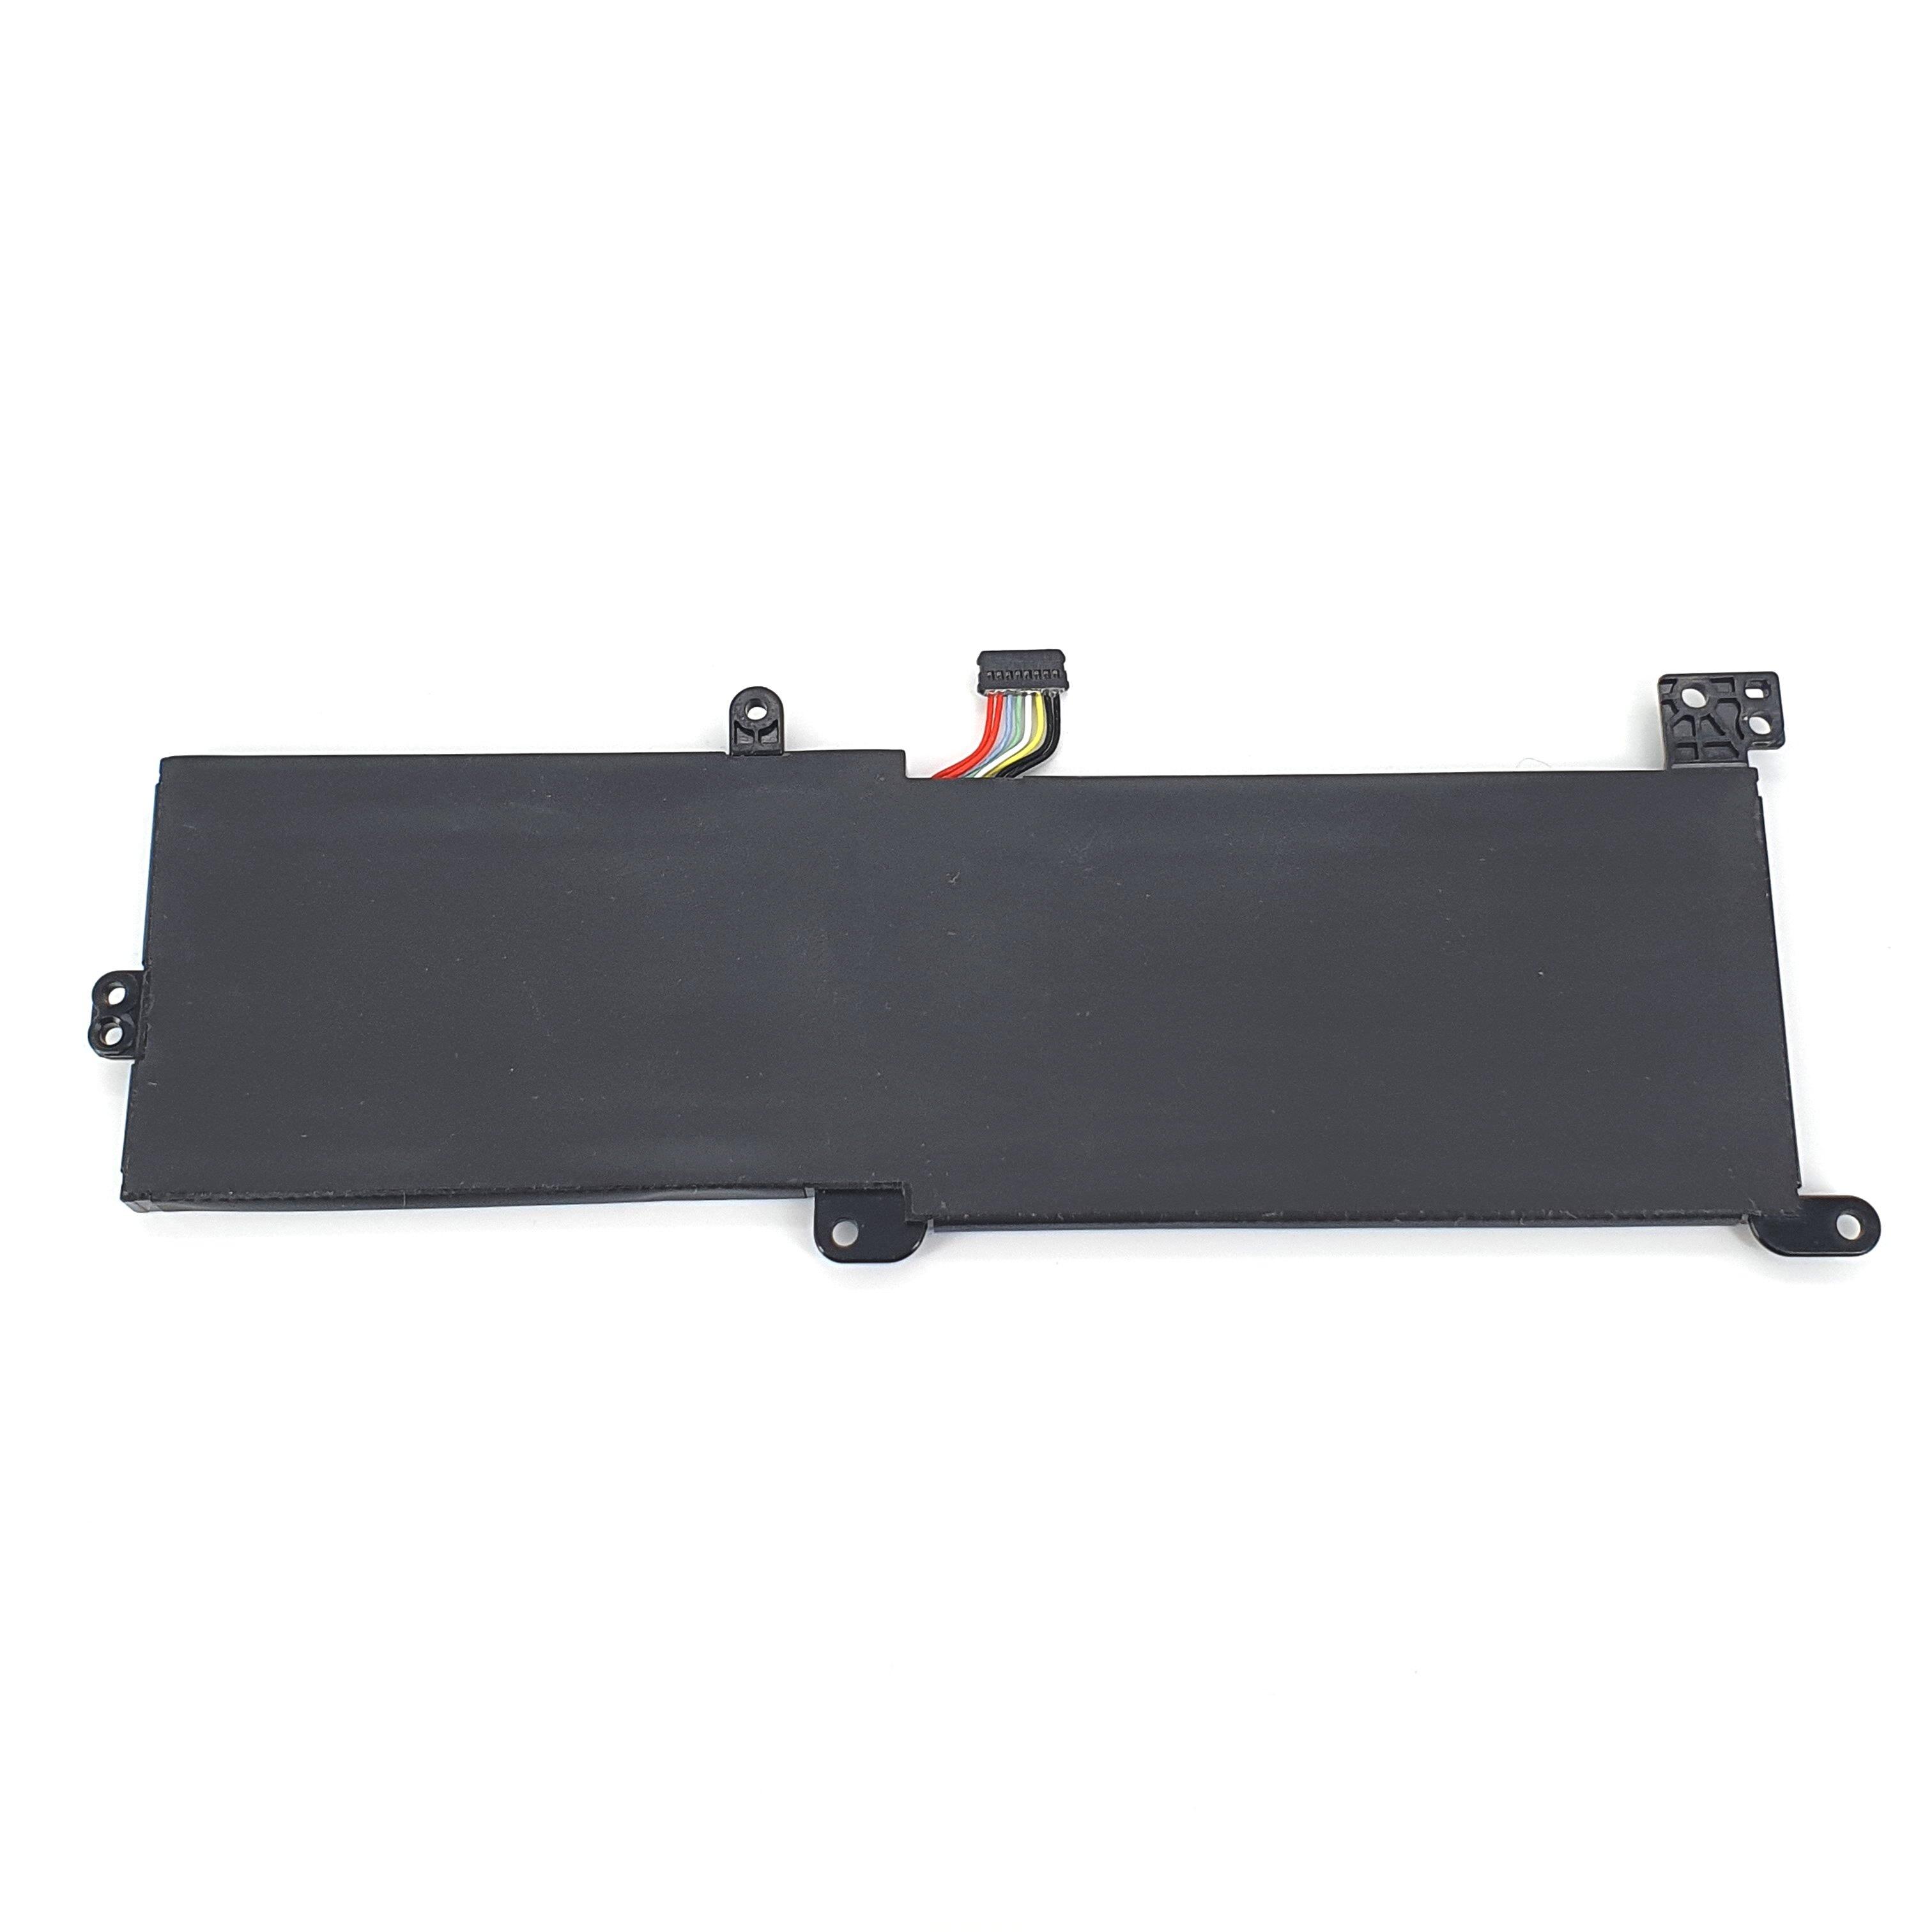 LENOVO L16M2PB1 原廠電池 L17L2PF1 L17M2PB7 IdeaPad 320-14 320-15 320-17 320-15IAP 320-17IKB 320-17ISK 33